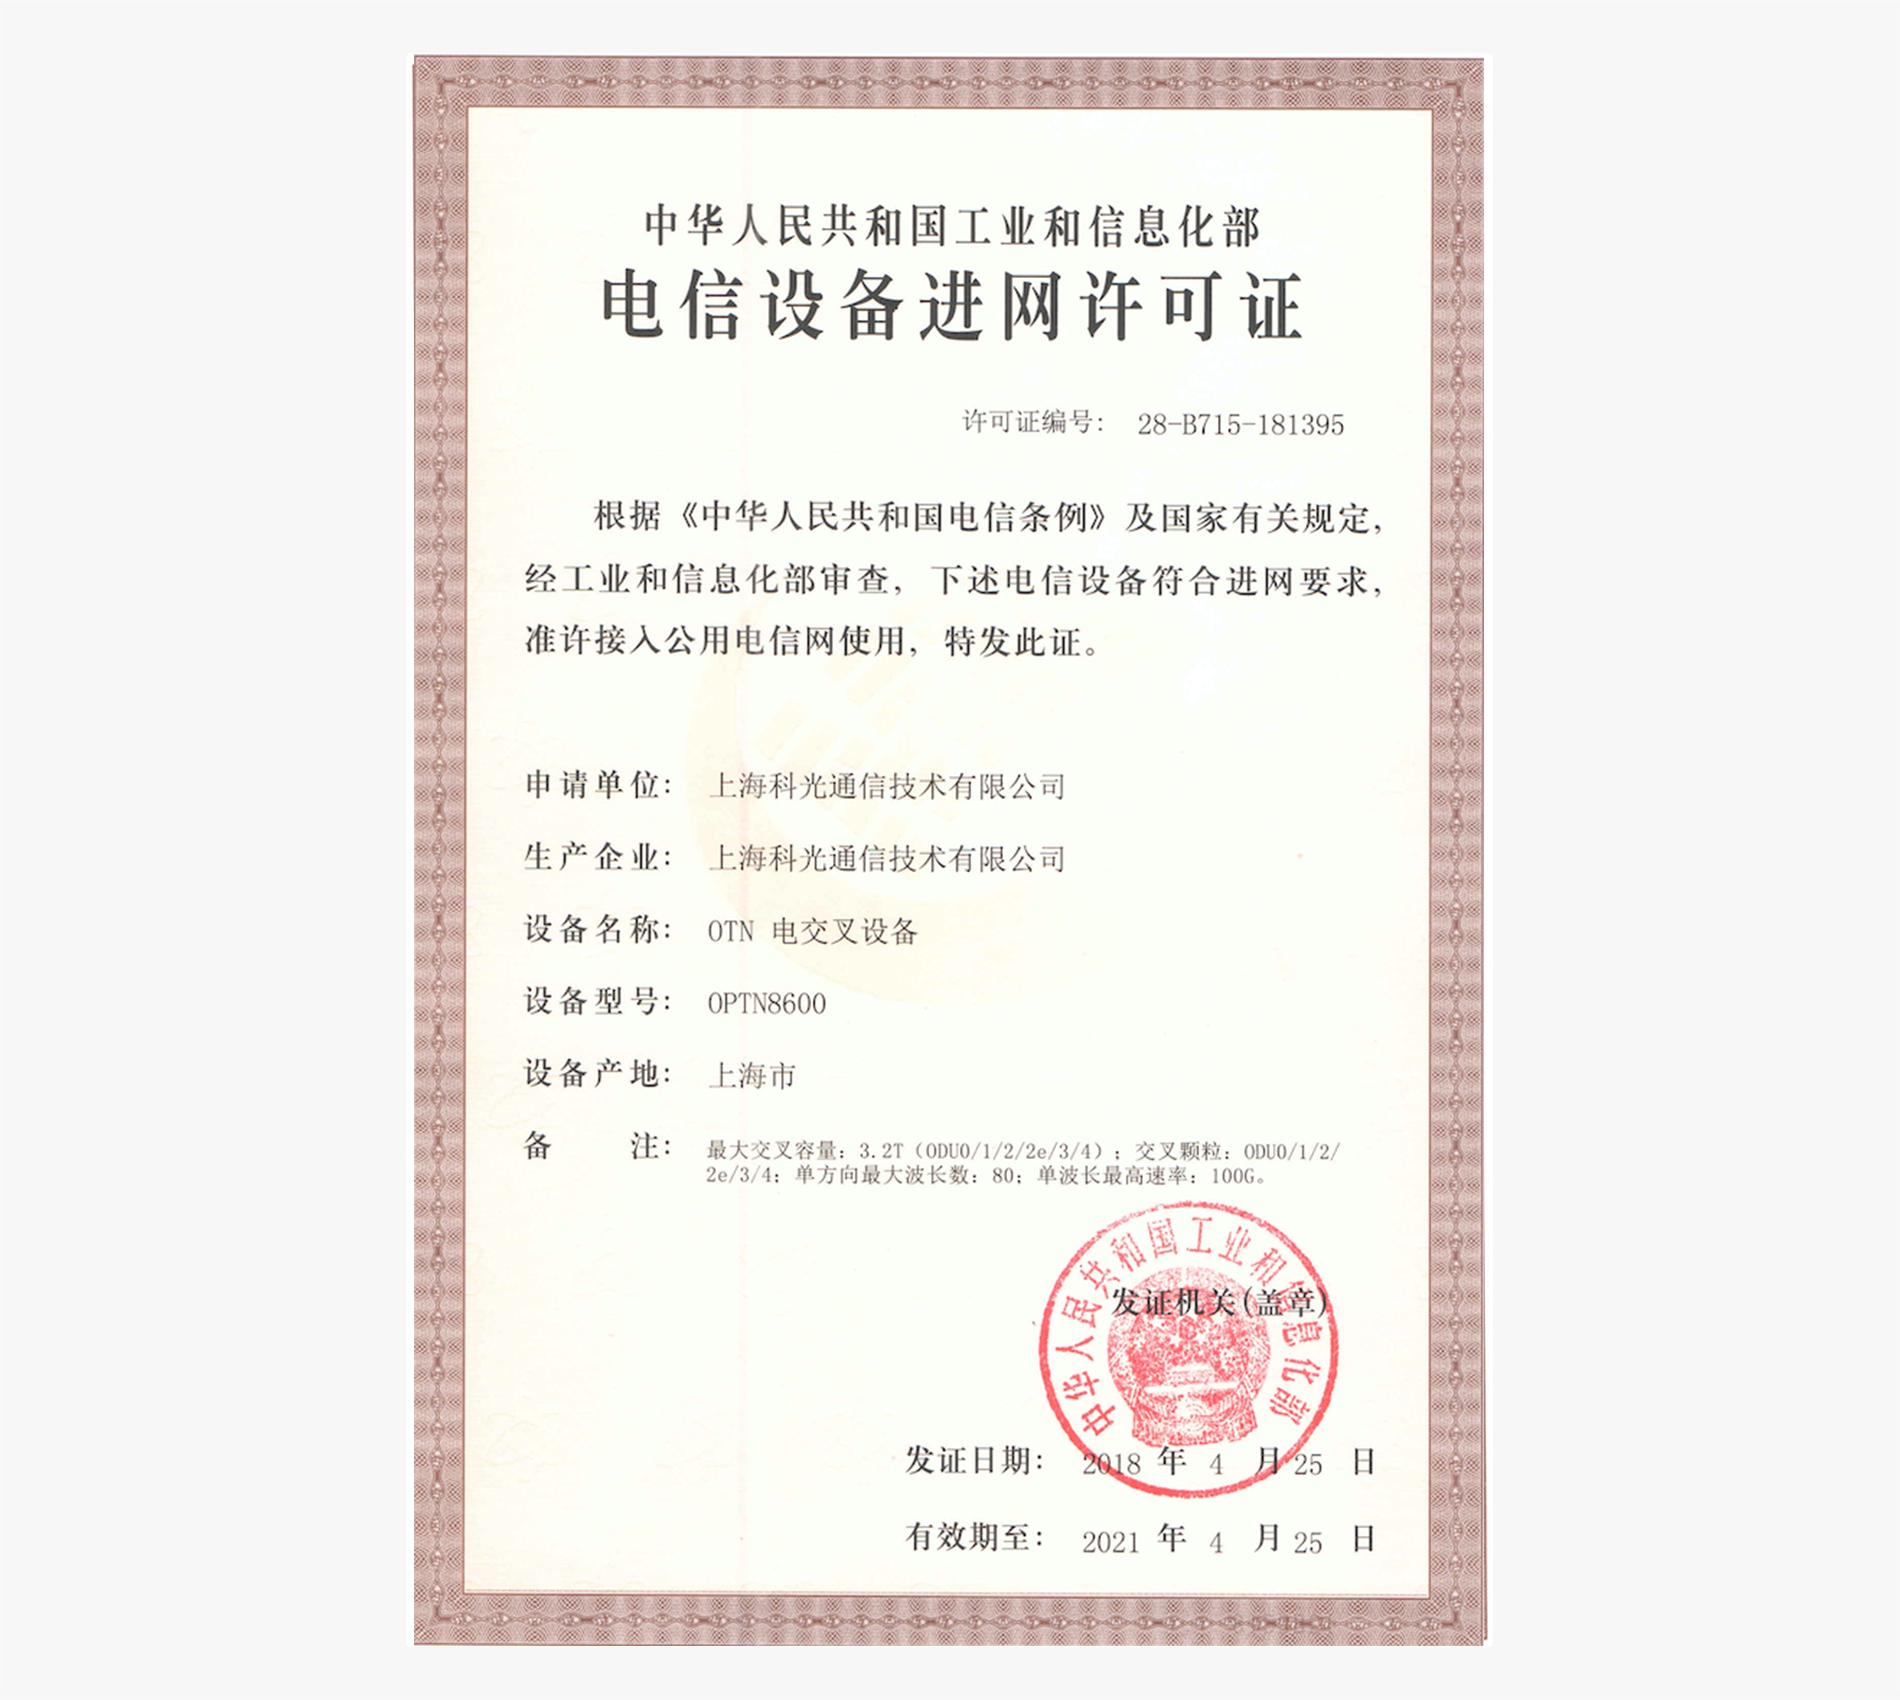 100GOTN进网许可证